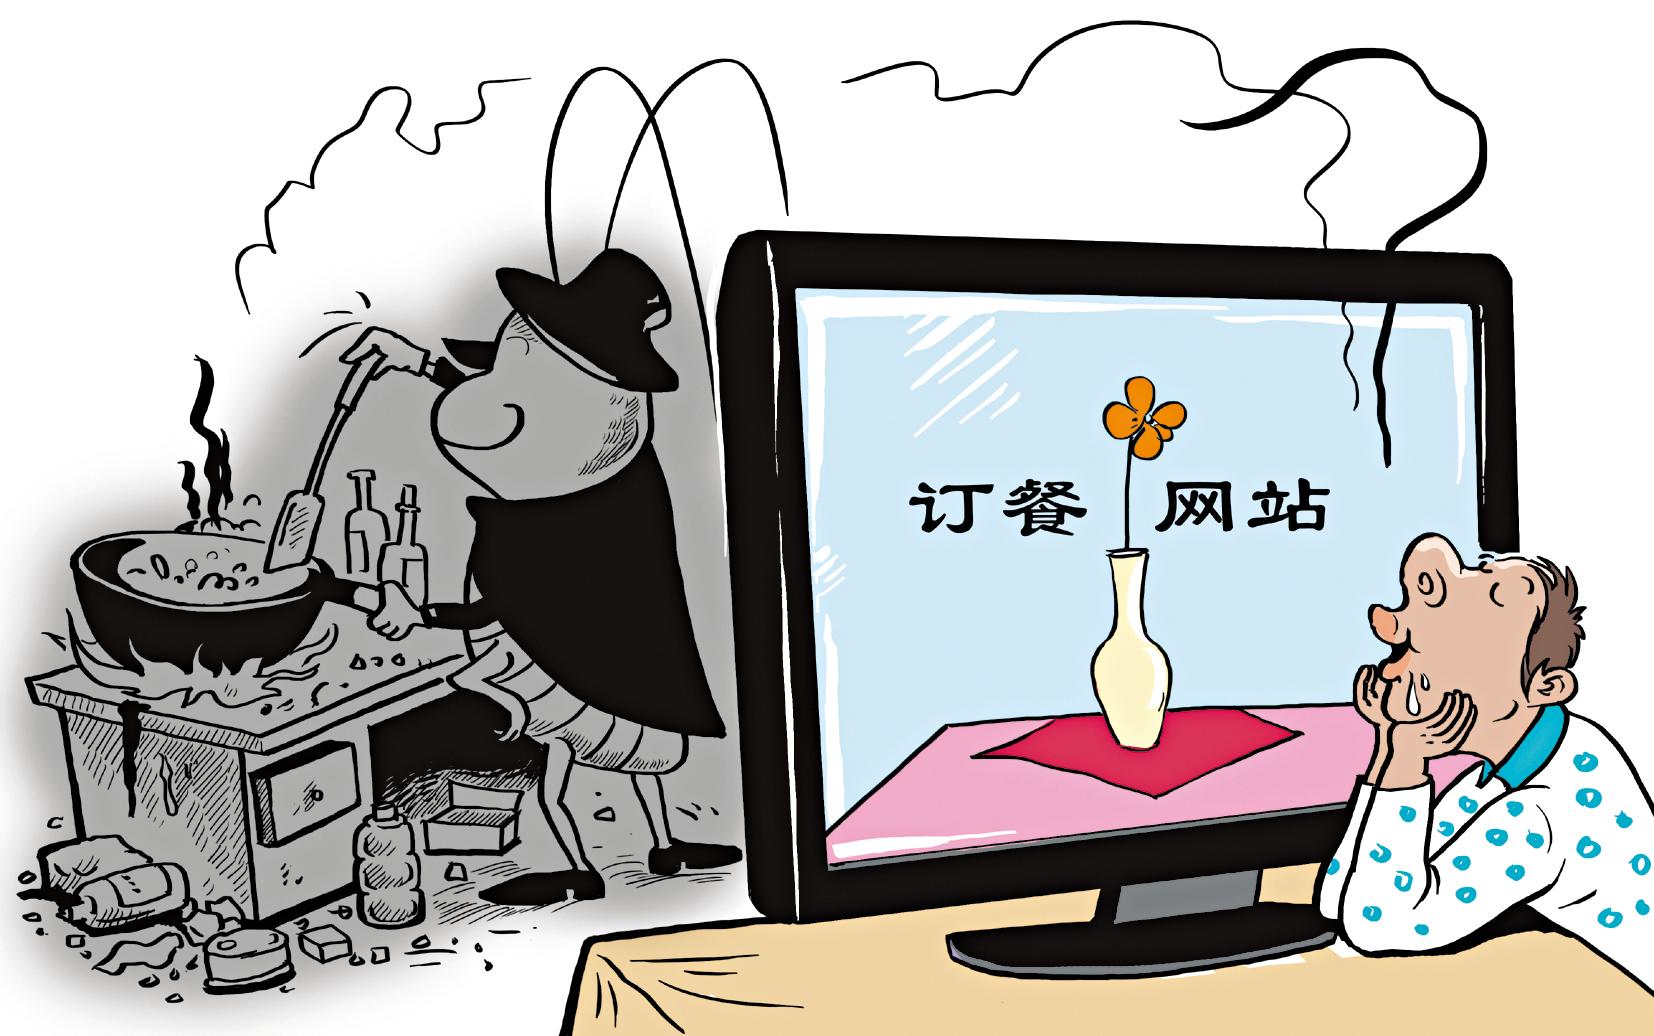 动漫 卡通 漫画 设计 矢量 矢量图 素材 头像 1654_1036